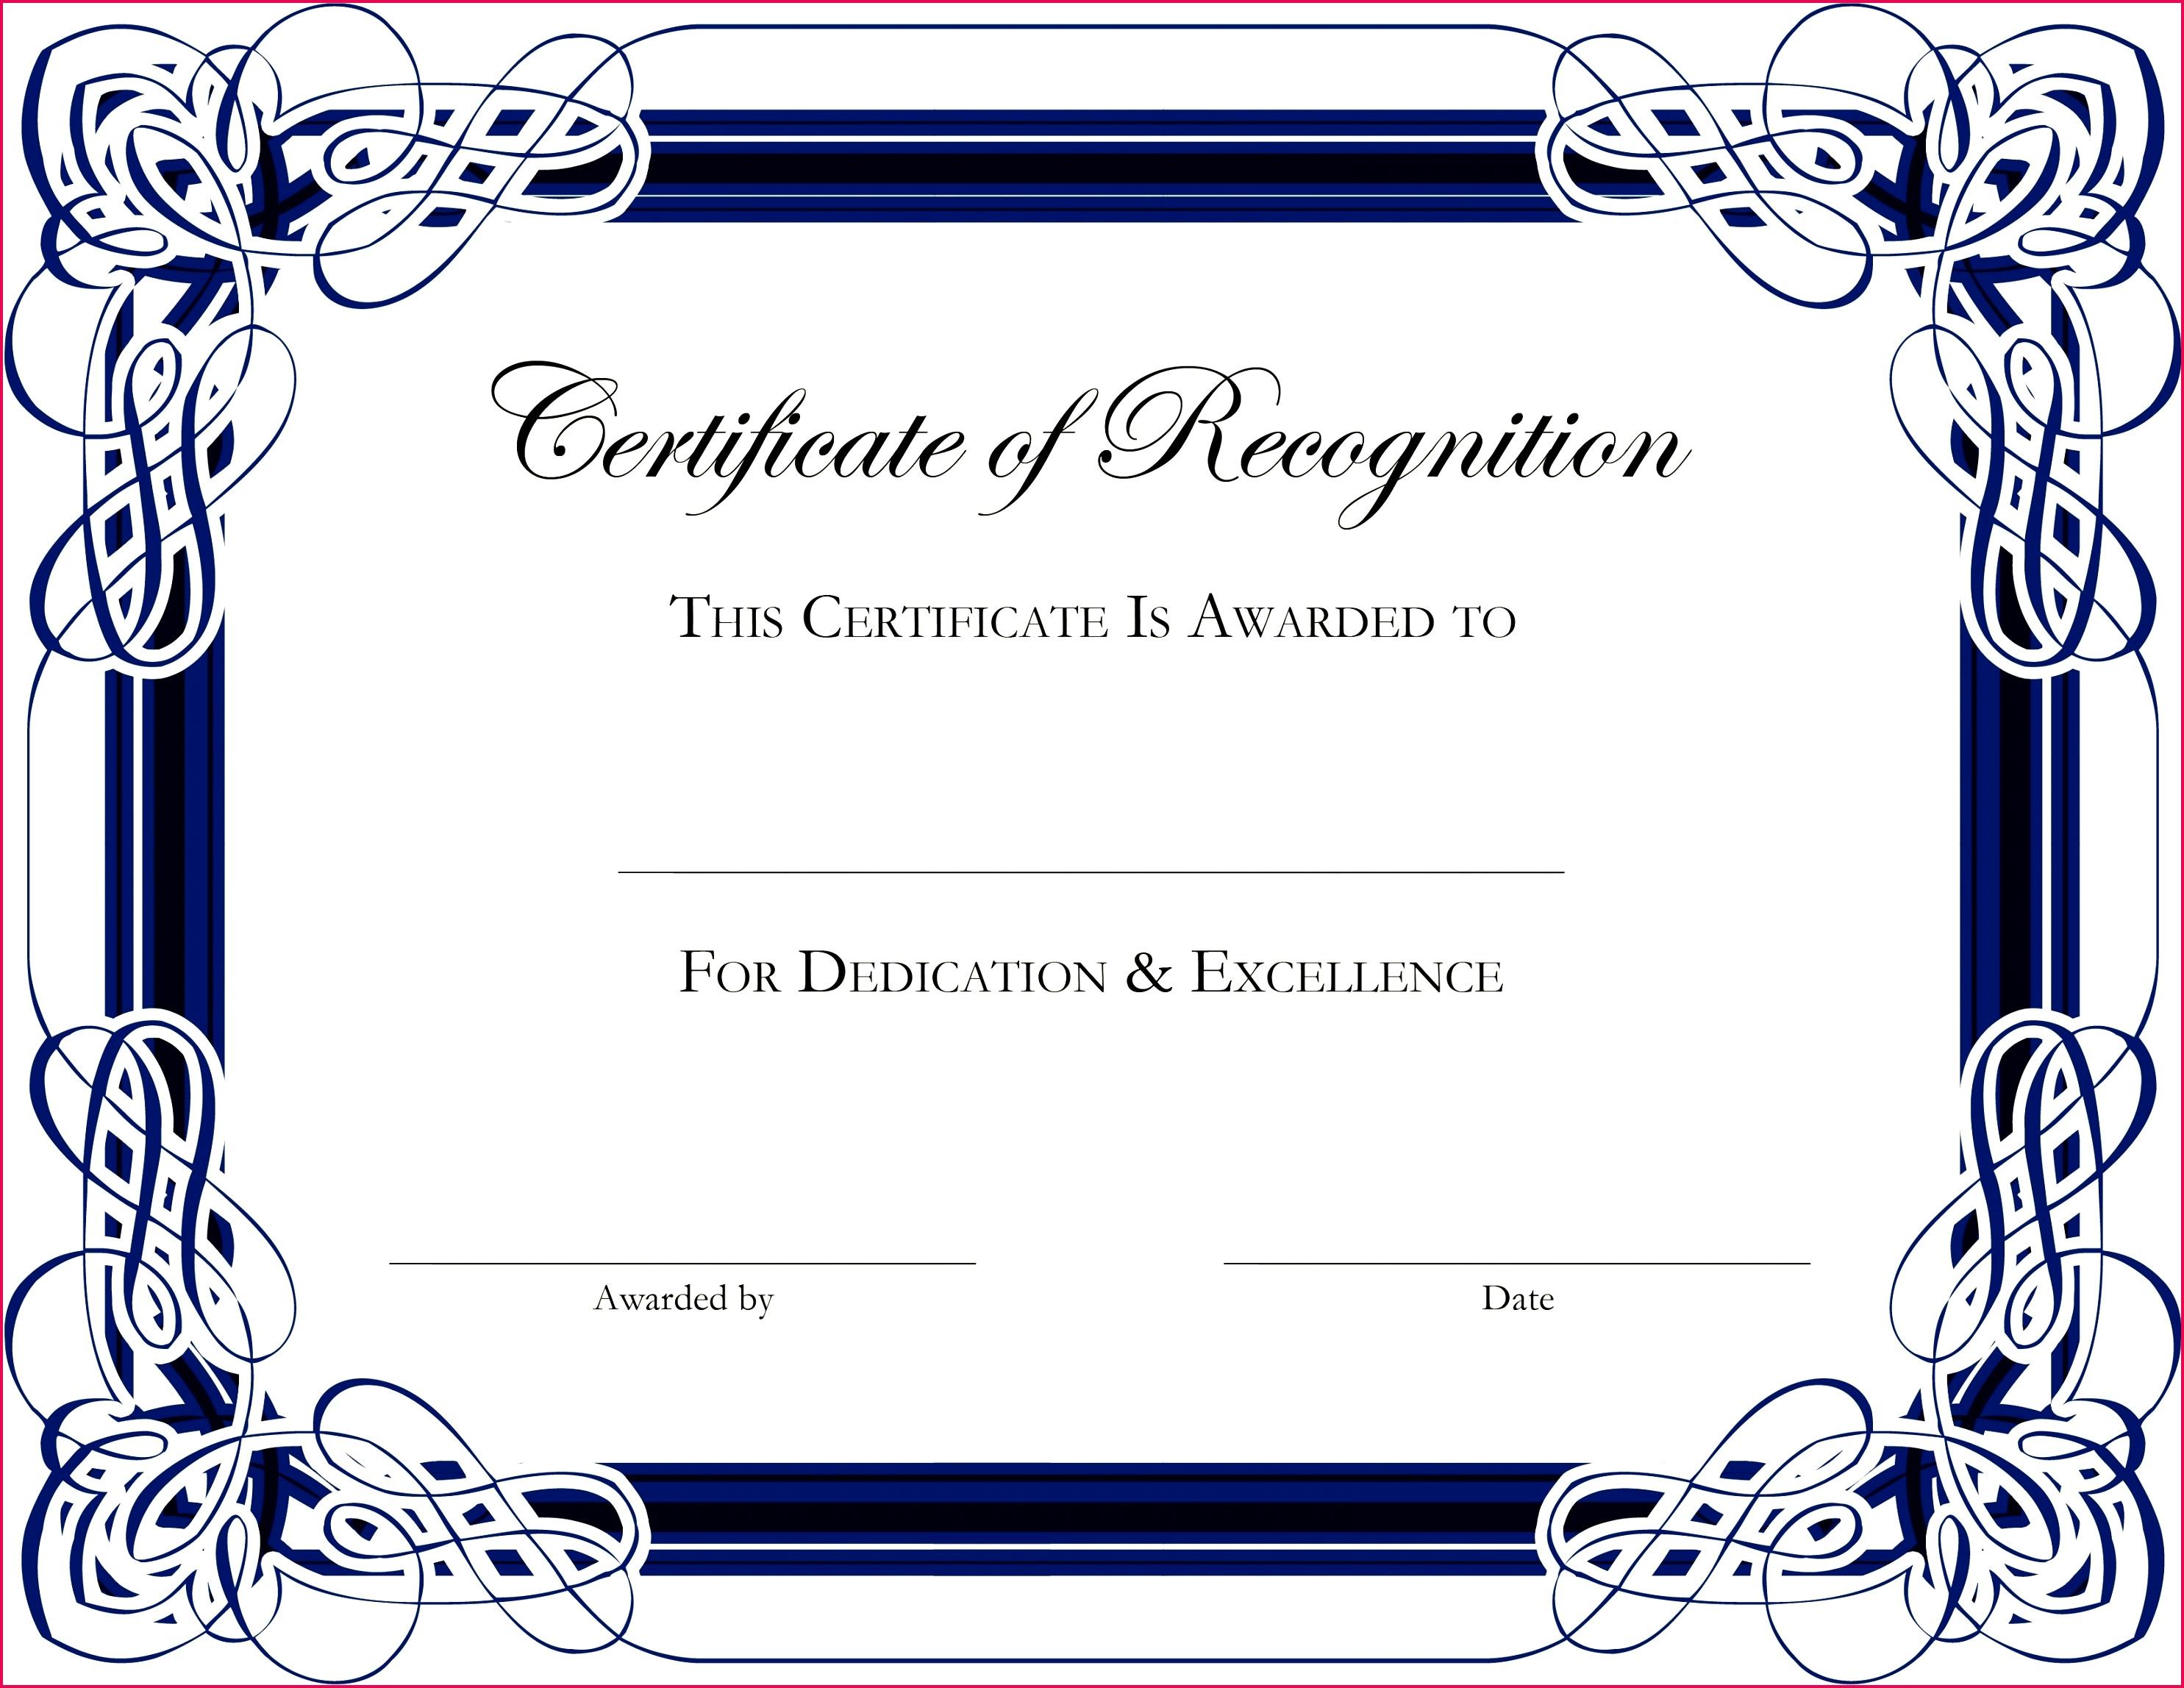 009 certificate of appreciation template free ideas editable